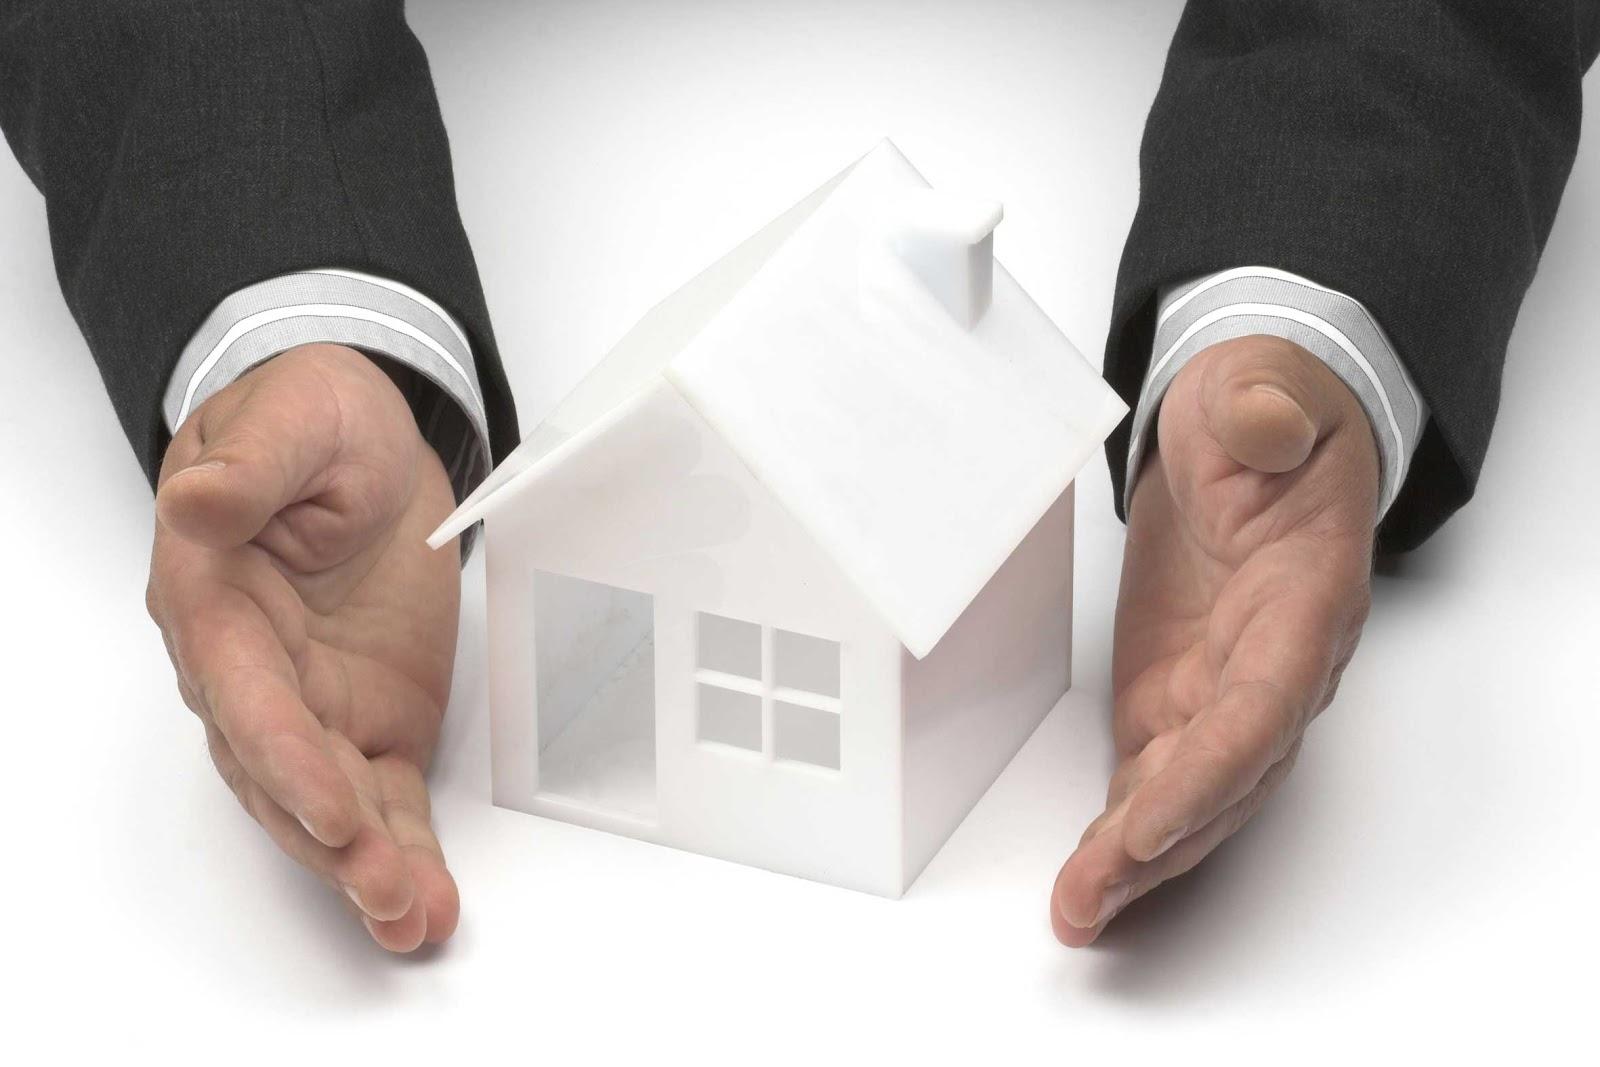 Hurto y robo en el seguro de hogar coberturas limitaciones y recomendaciones rankia - El seguro de casa cubre el movil ...